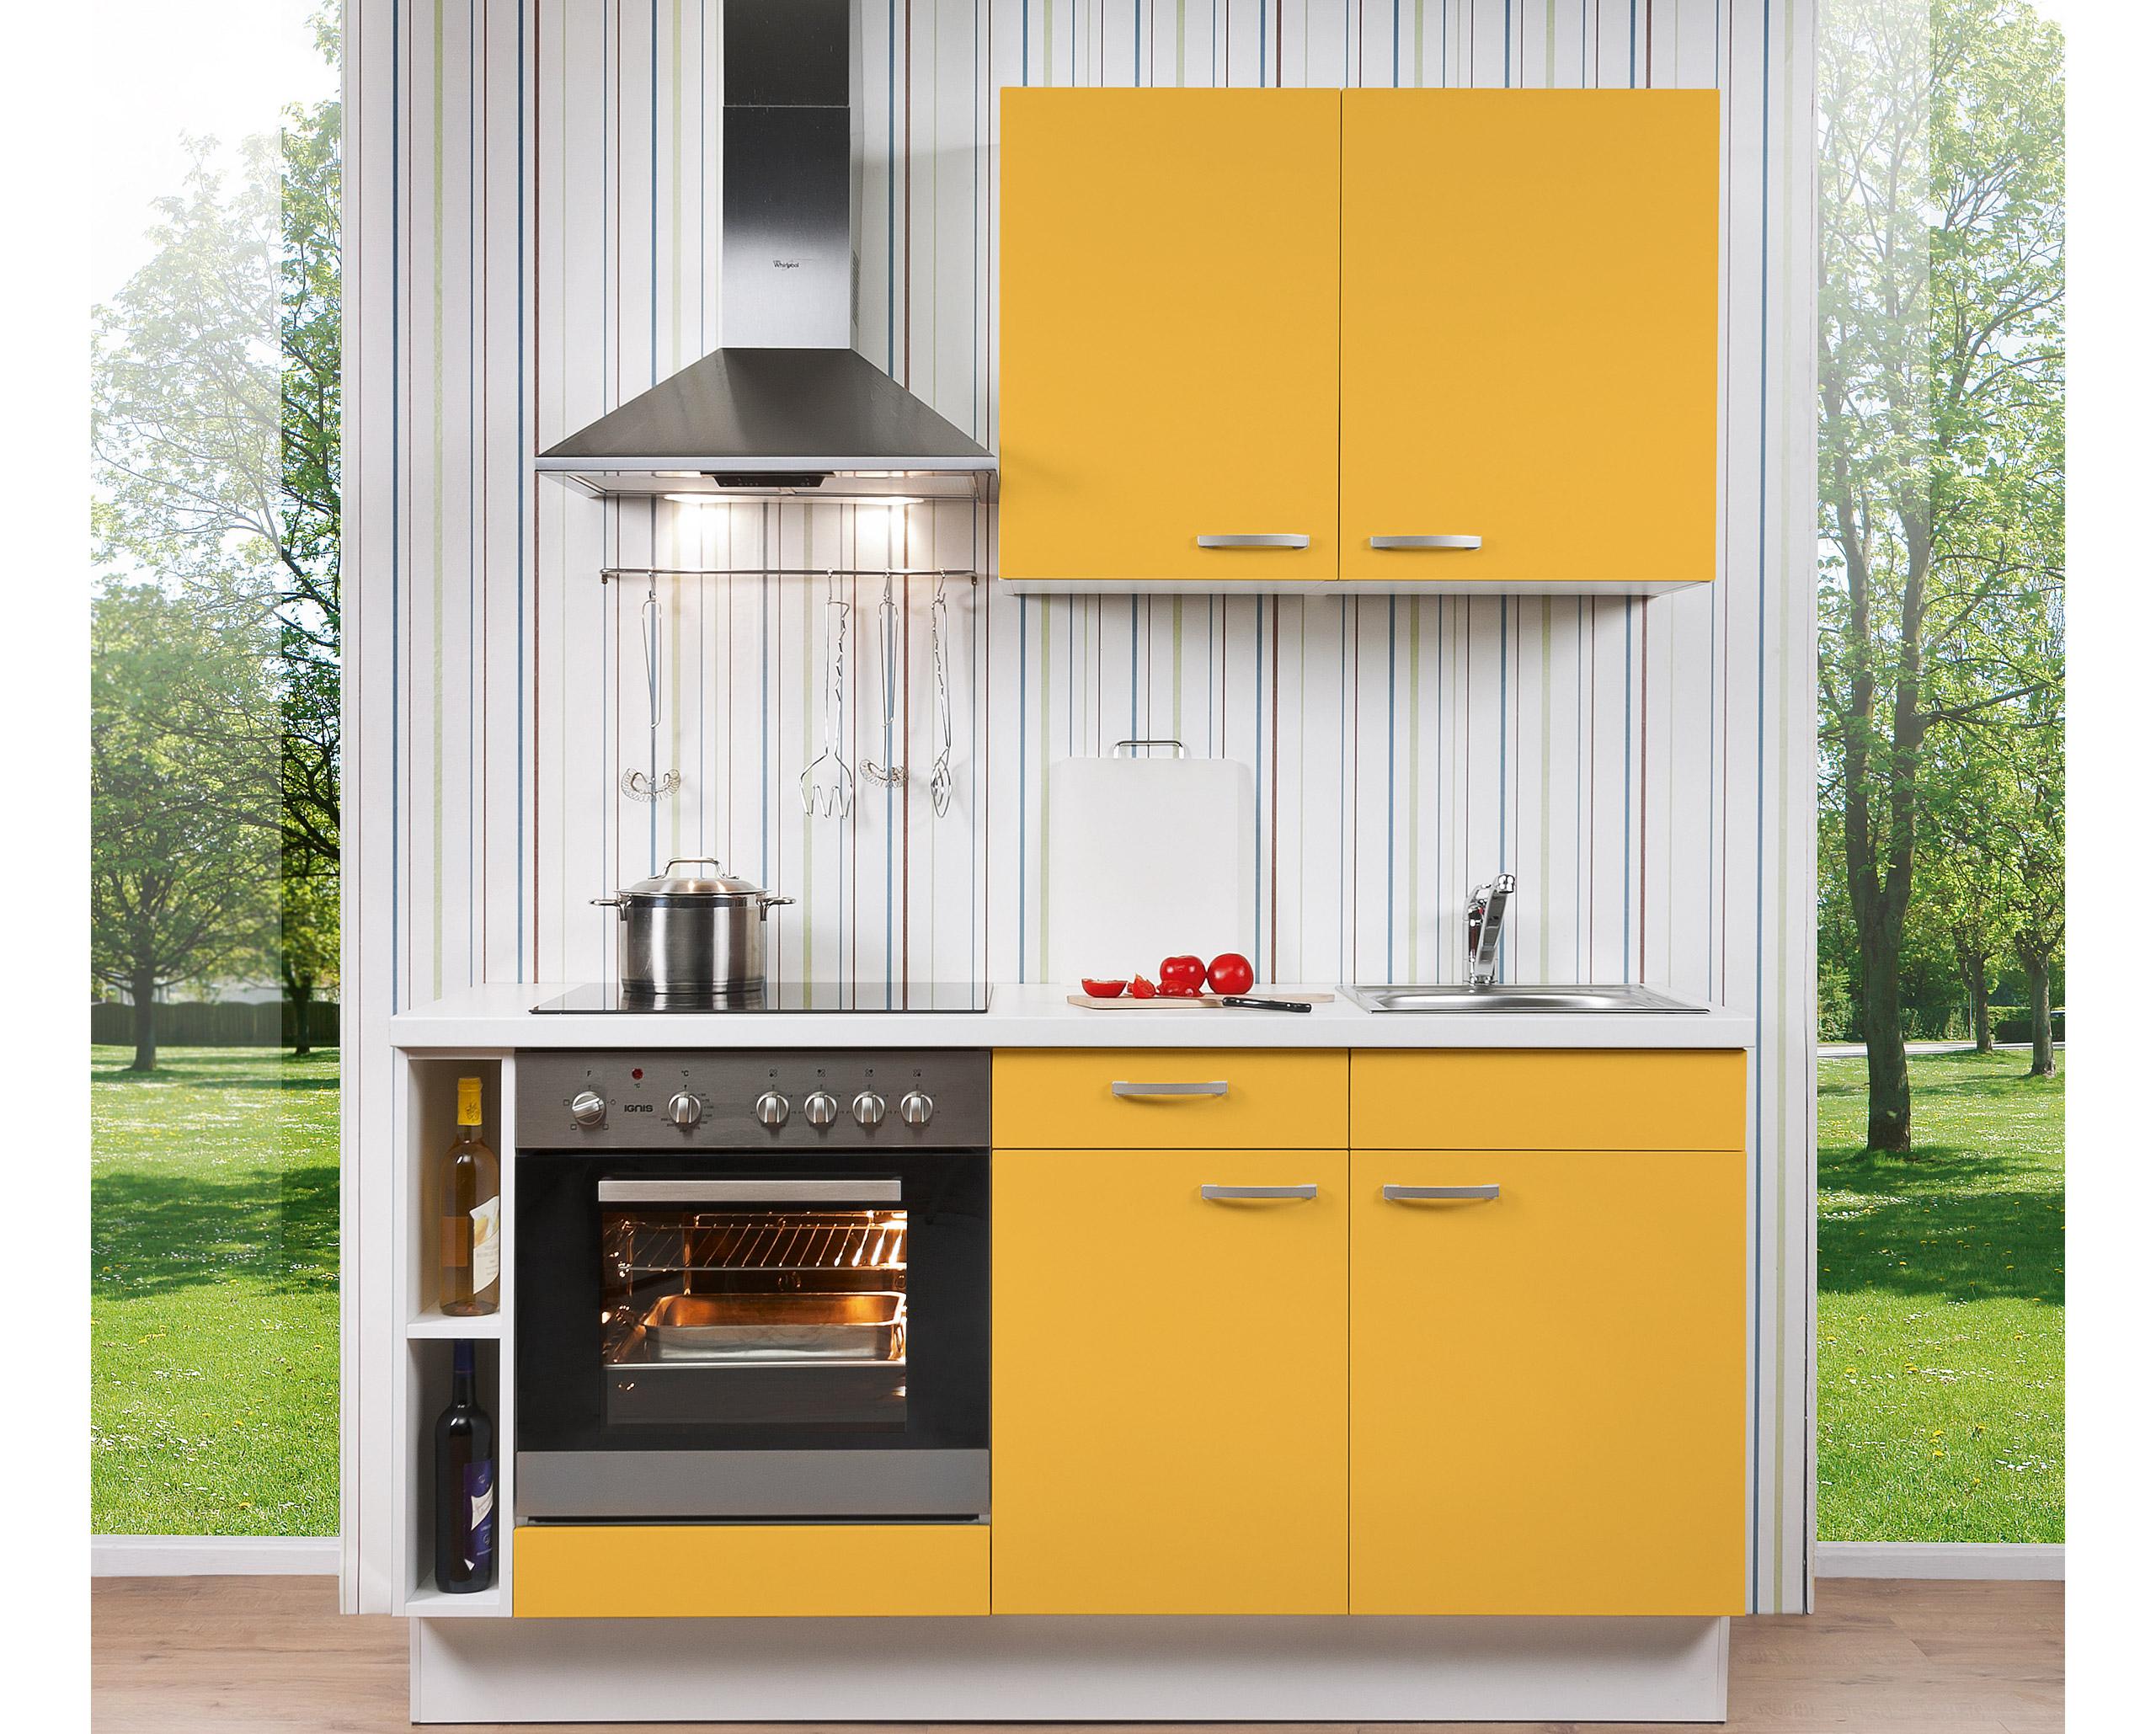 Full Size of Küche Ikea Kosten Singleküche Kaufen Miniküche Mit Kühlschrank E Geräten Sofa Schlaffunktion Betten 160x200 Bei Modulküche Wohnzimmer Ikea Singleküche